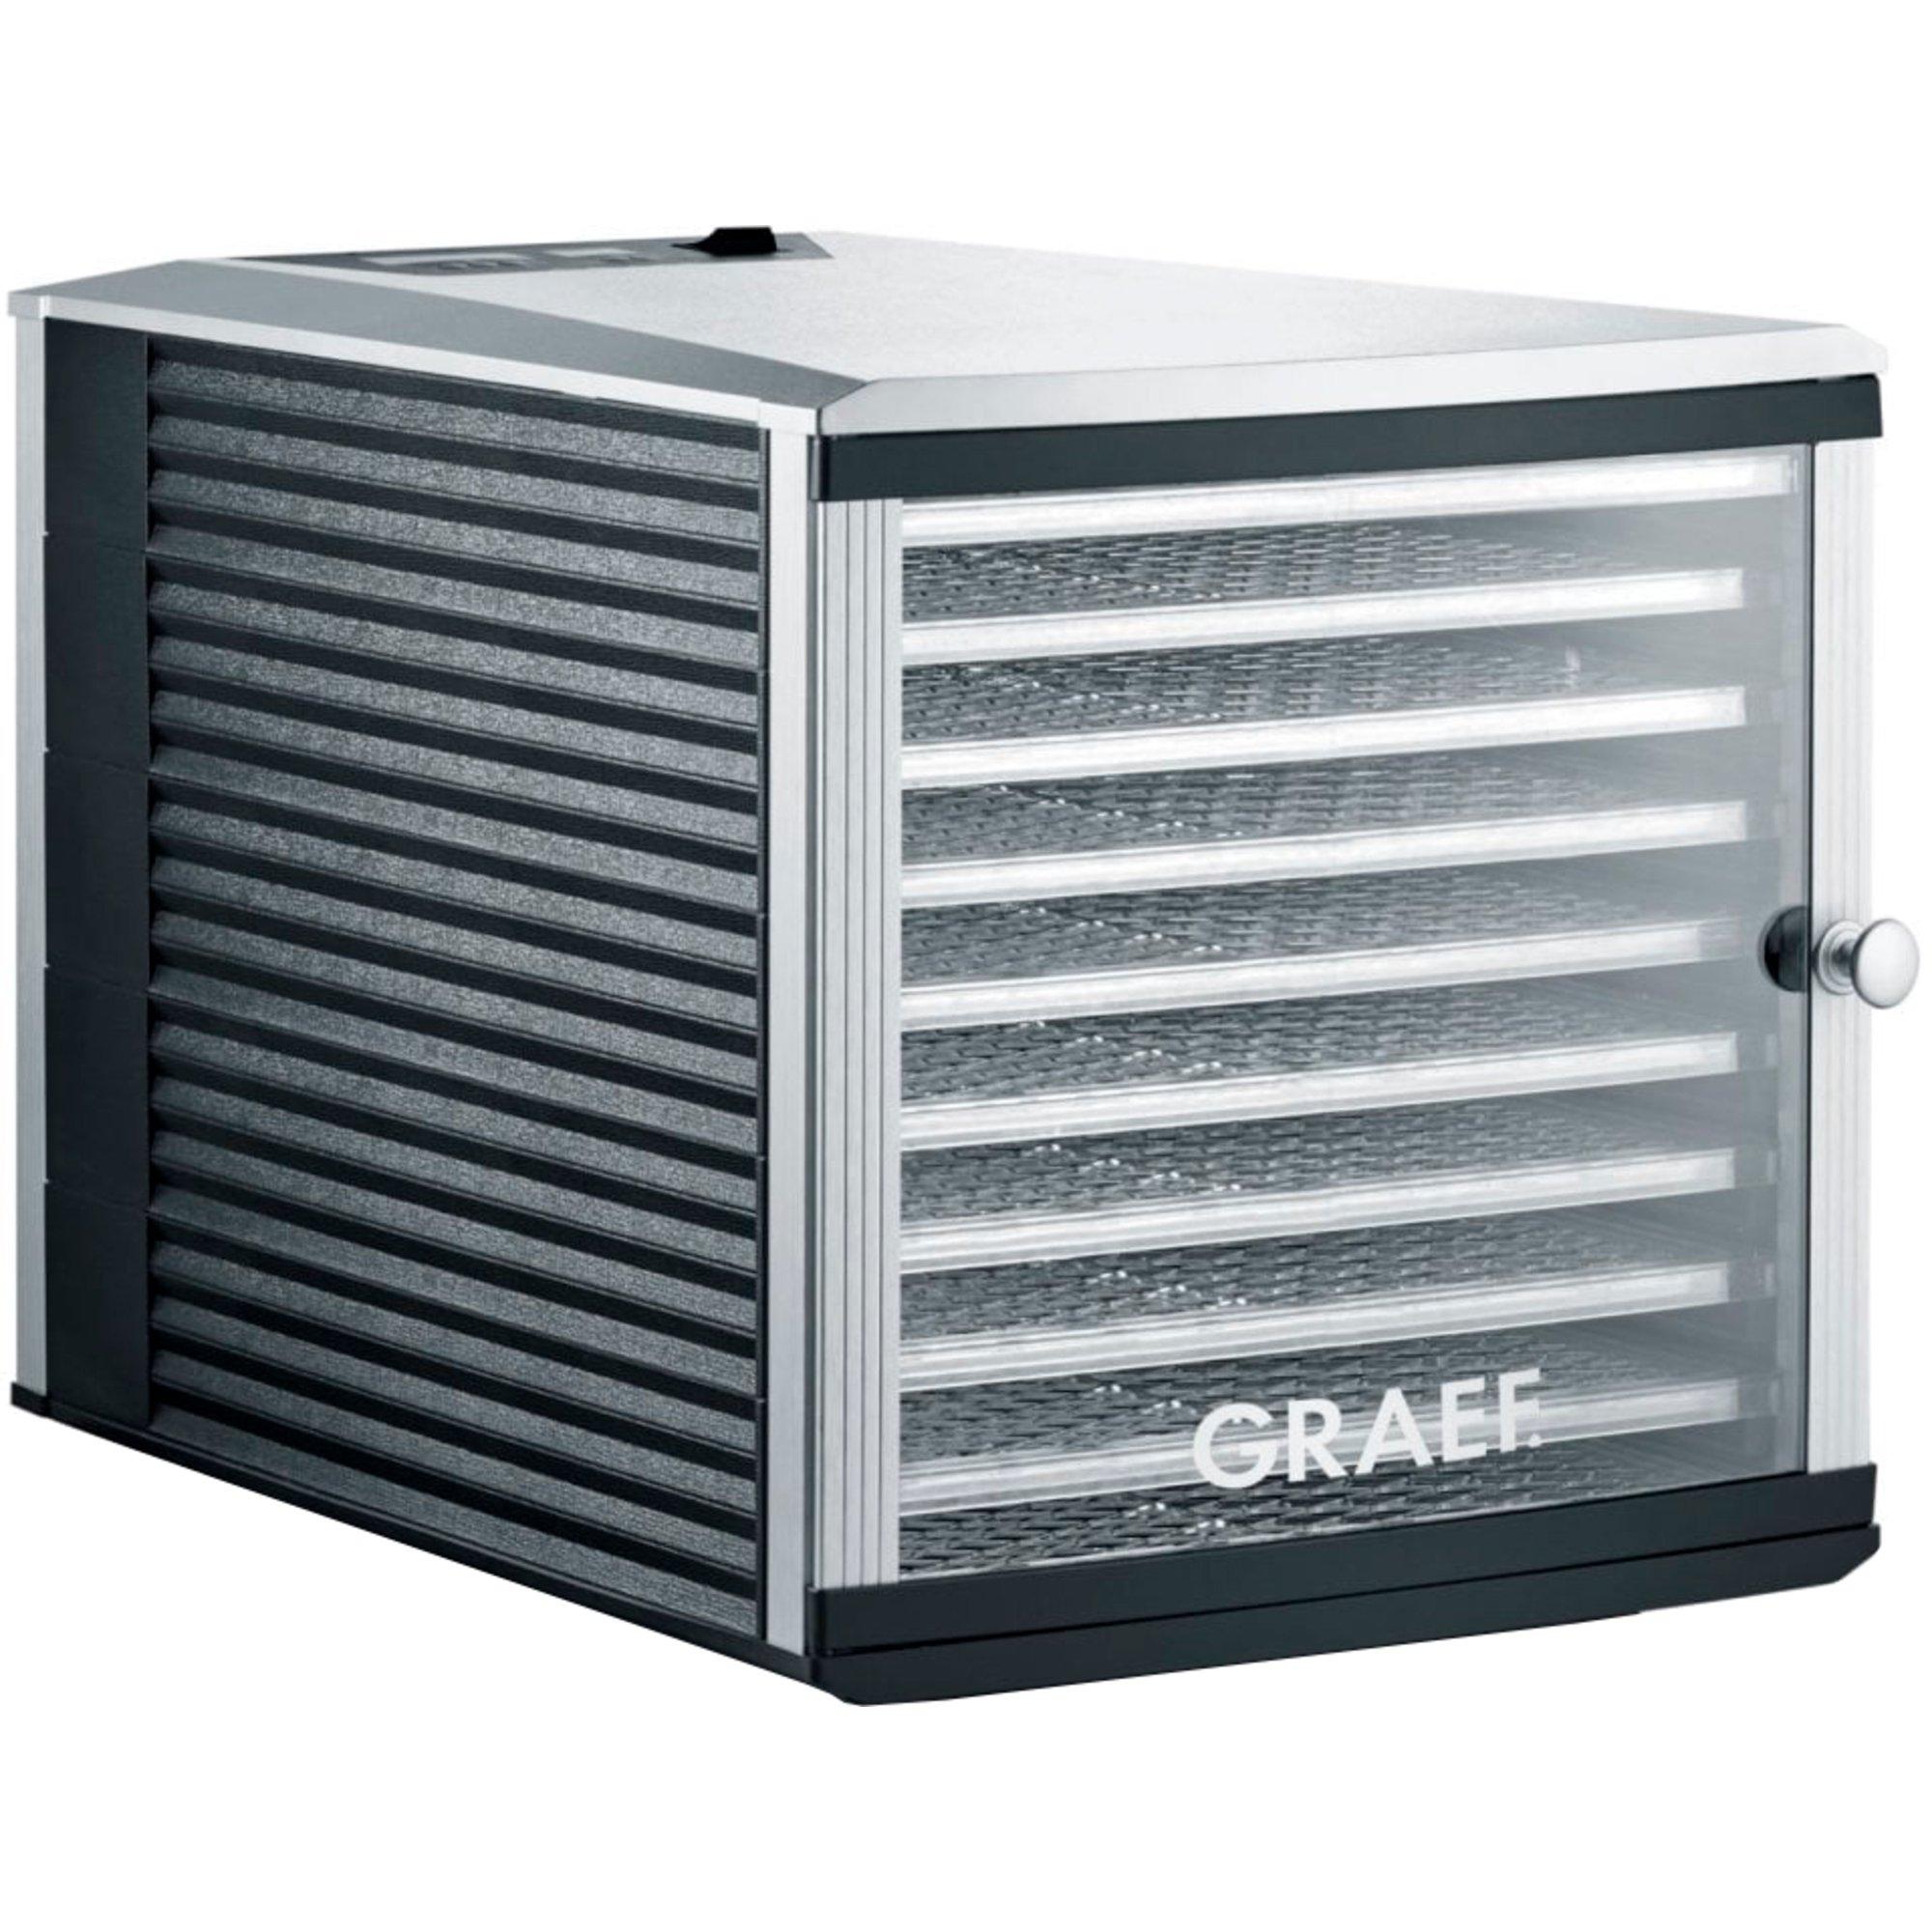 Graef GRDA510 Dehydrator 10 brickor